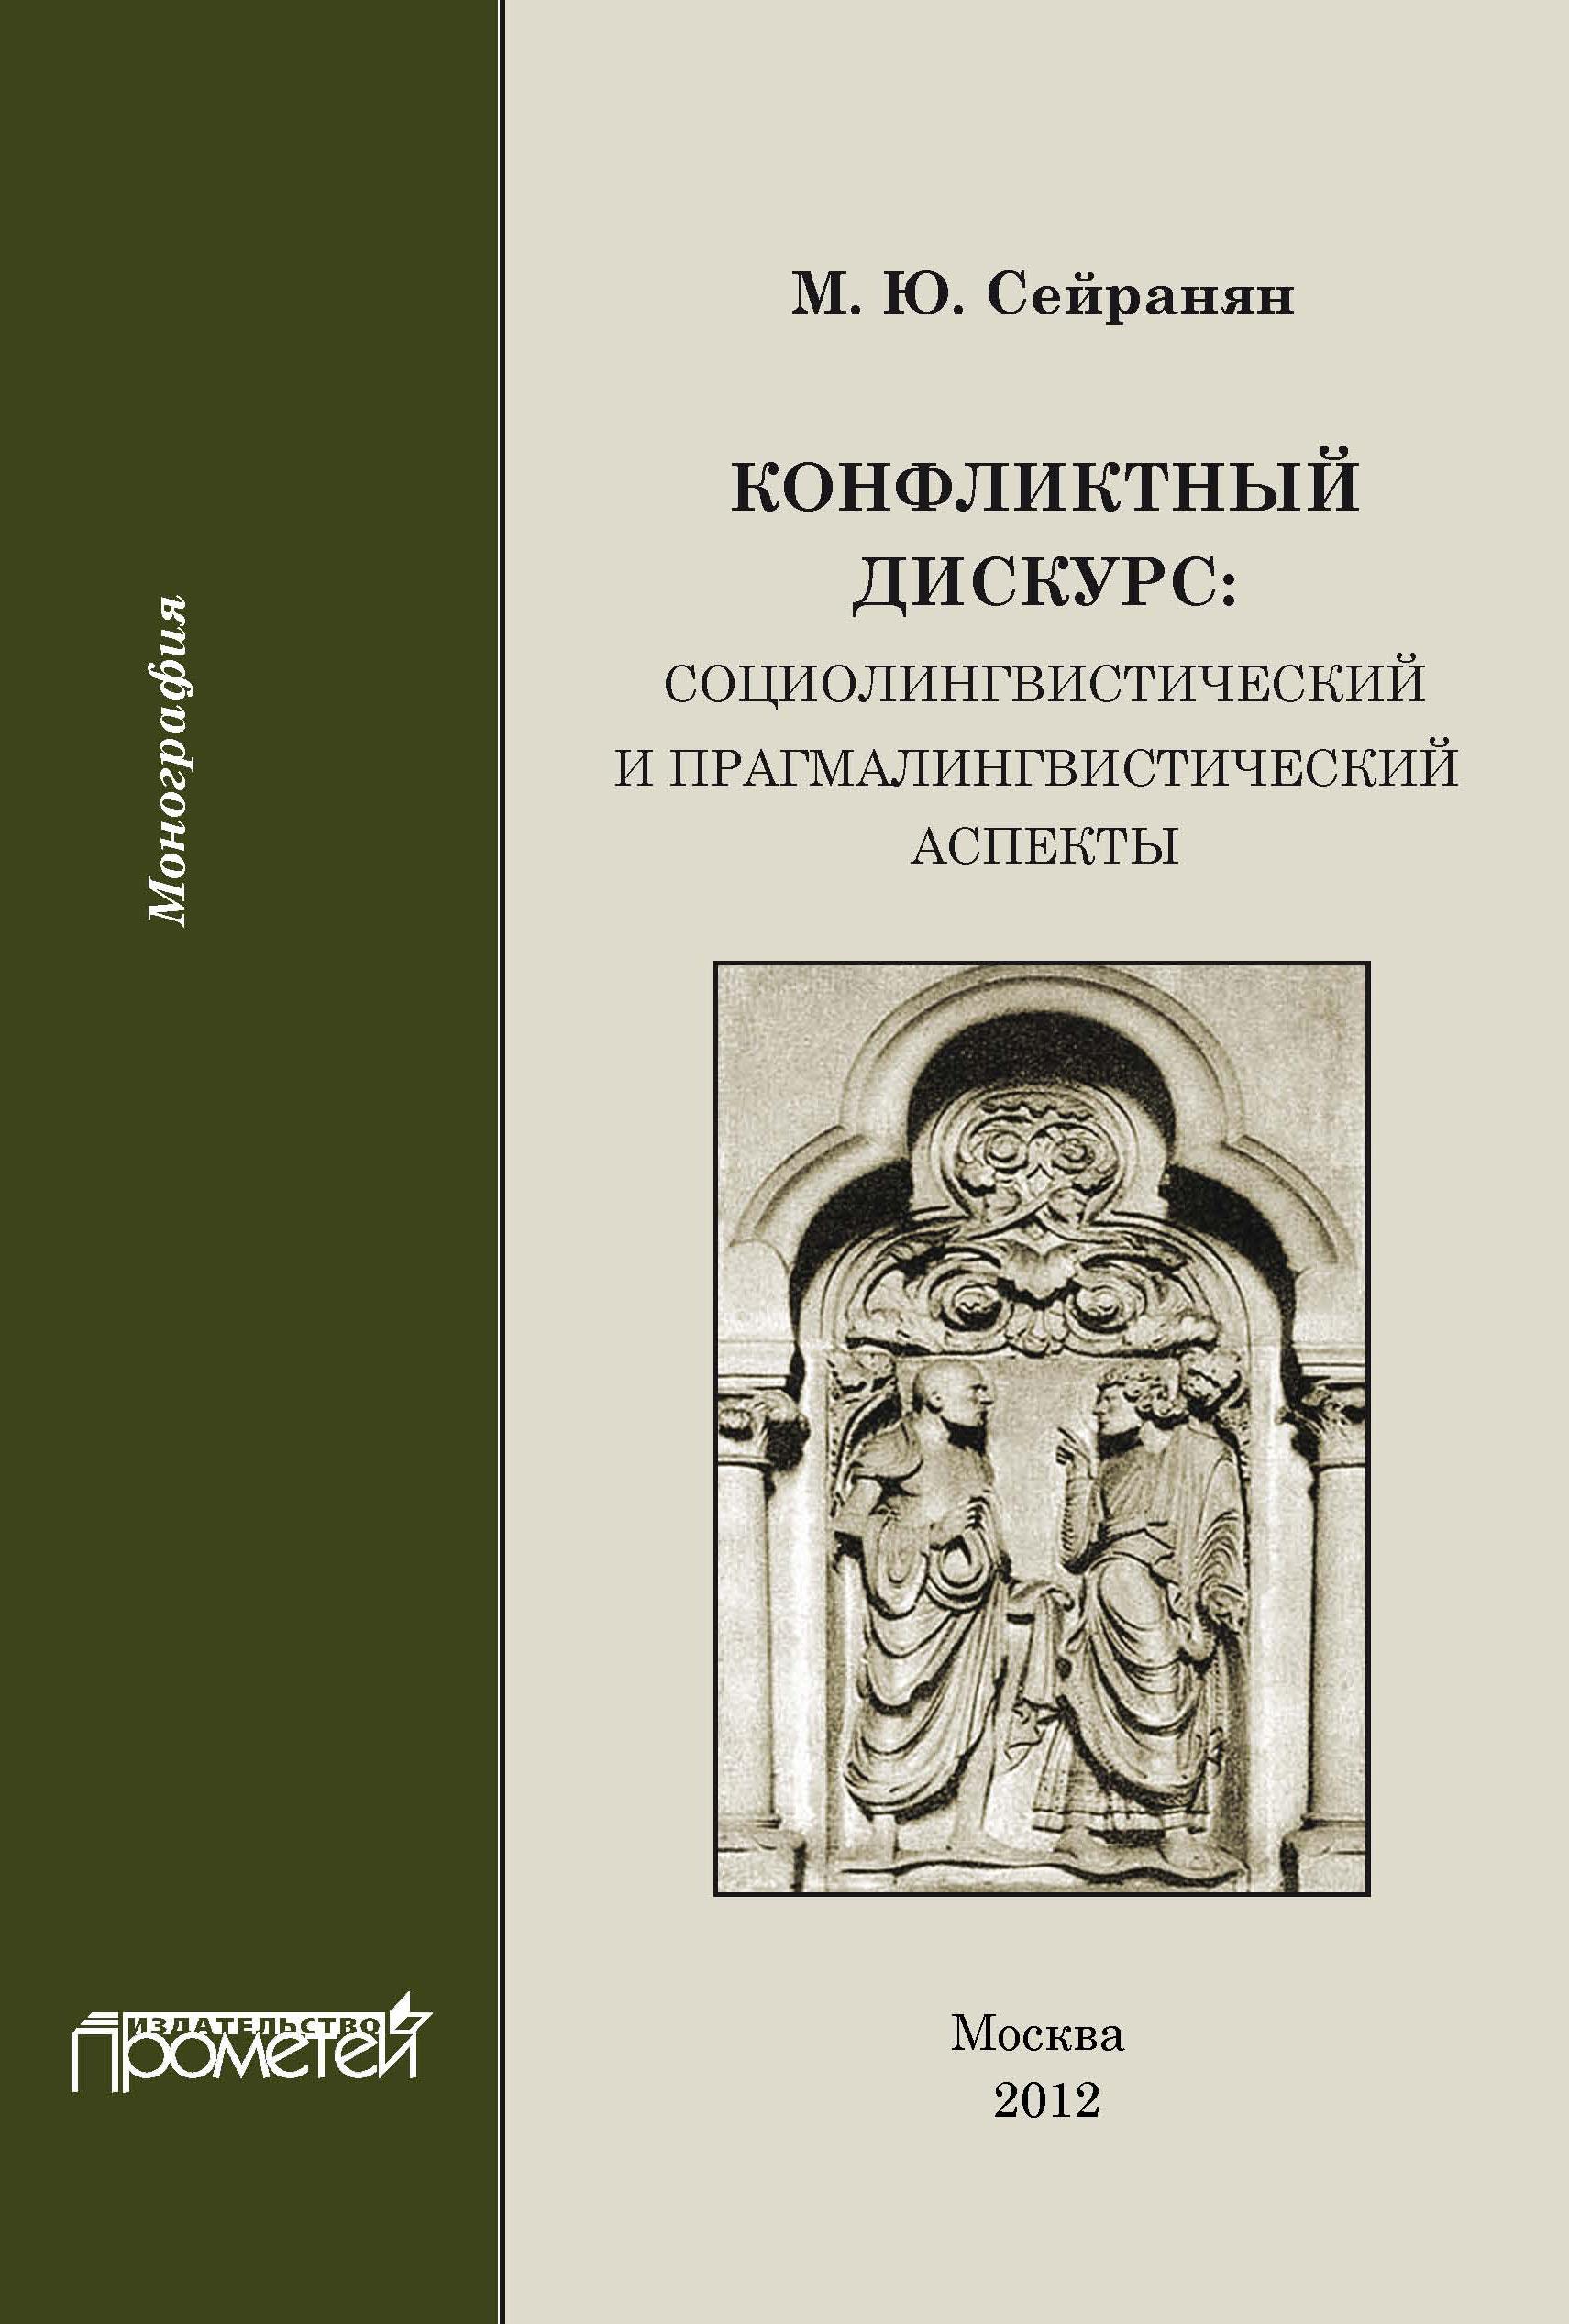 М. Ю. Сейранян Конфликтный дискурс: социолингвистический и прагмалингвистический аспекты